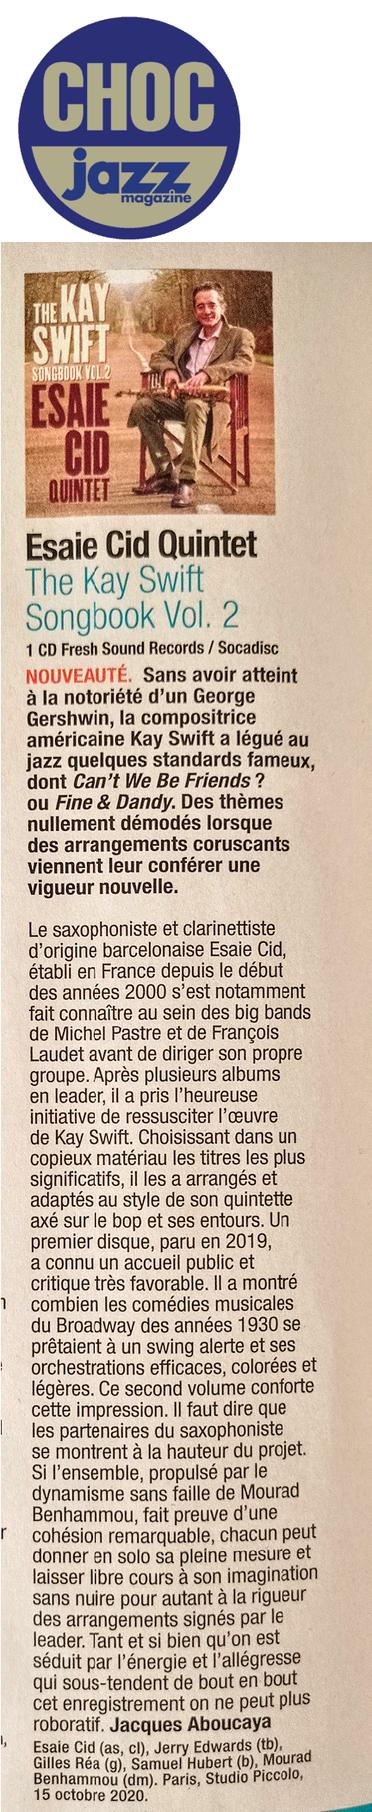 Chronique Jazz Magazine, août 2021 (sélection CHOCS)